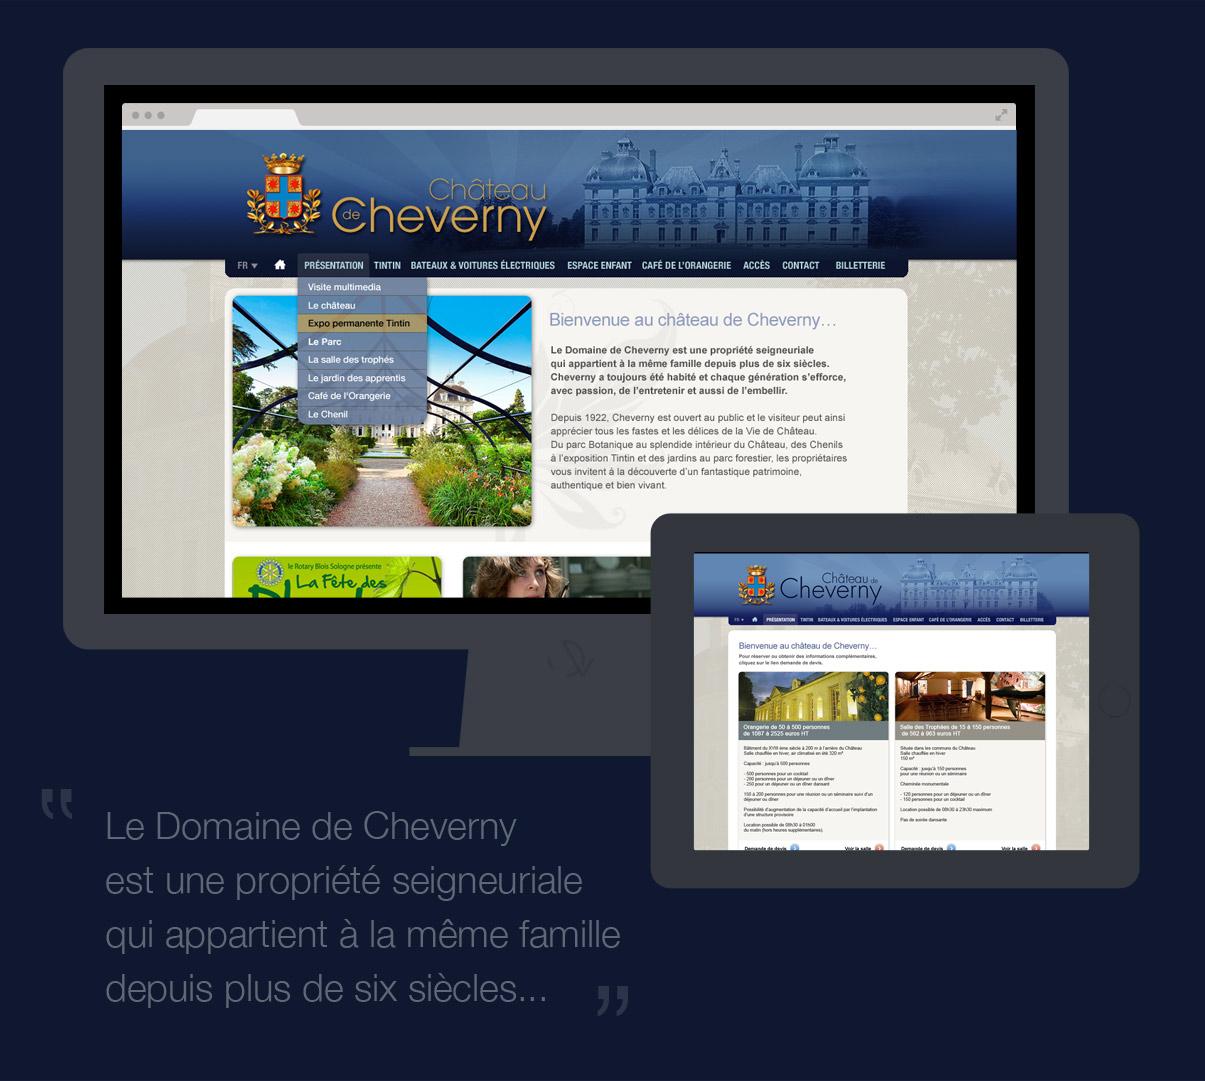 Château de Cheverny - Tourisme - Vla de Loire - © ovarma.com